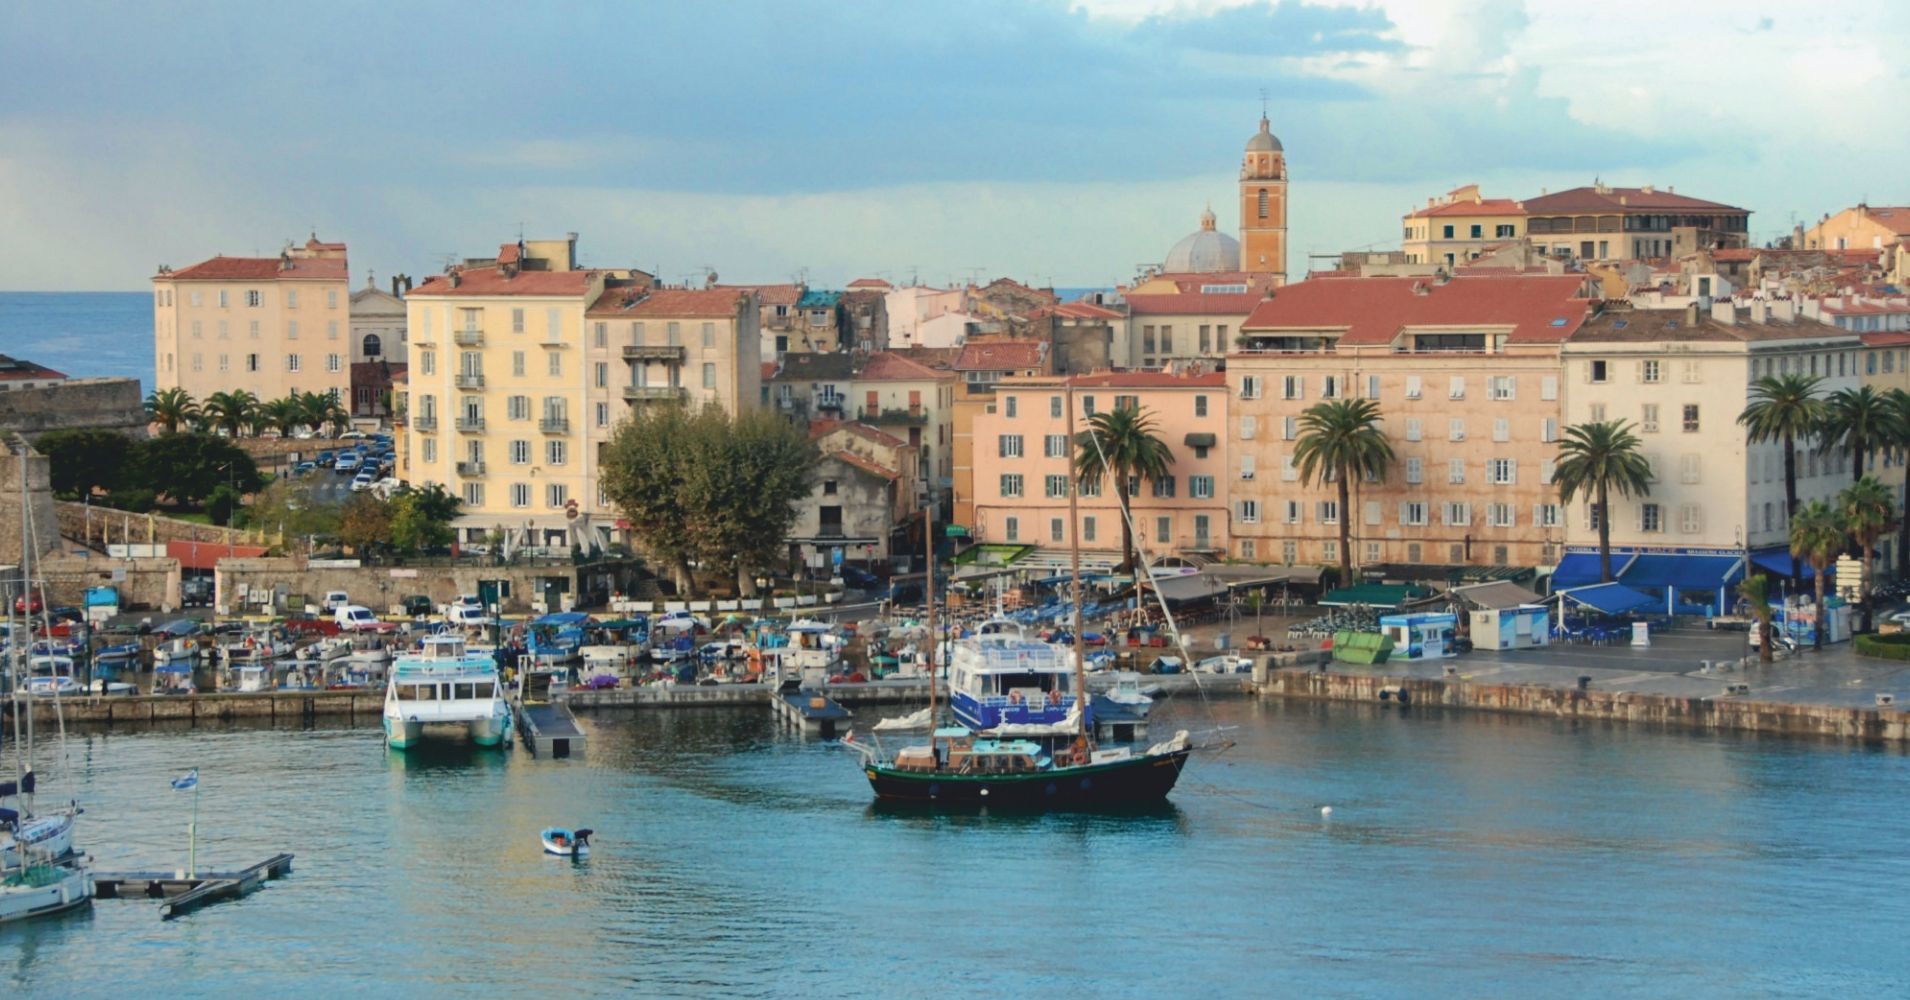 Puerto de Ajaccio. Córcega del Sur. Departamento de Córcega del Sur. France.